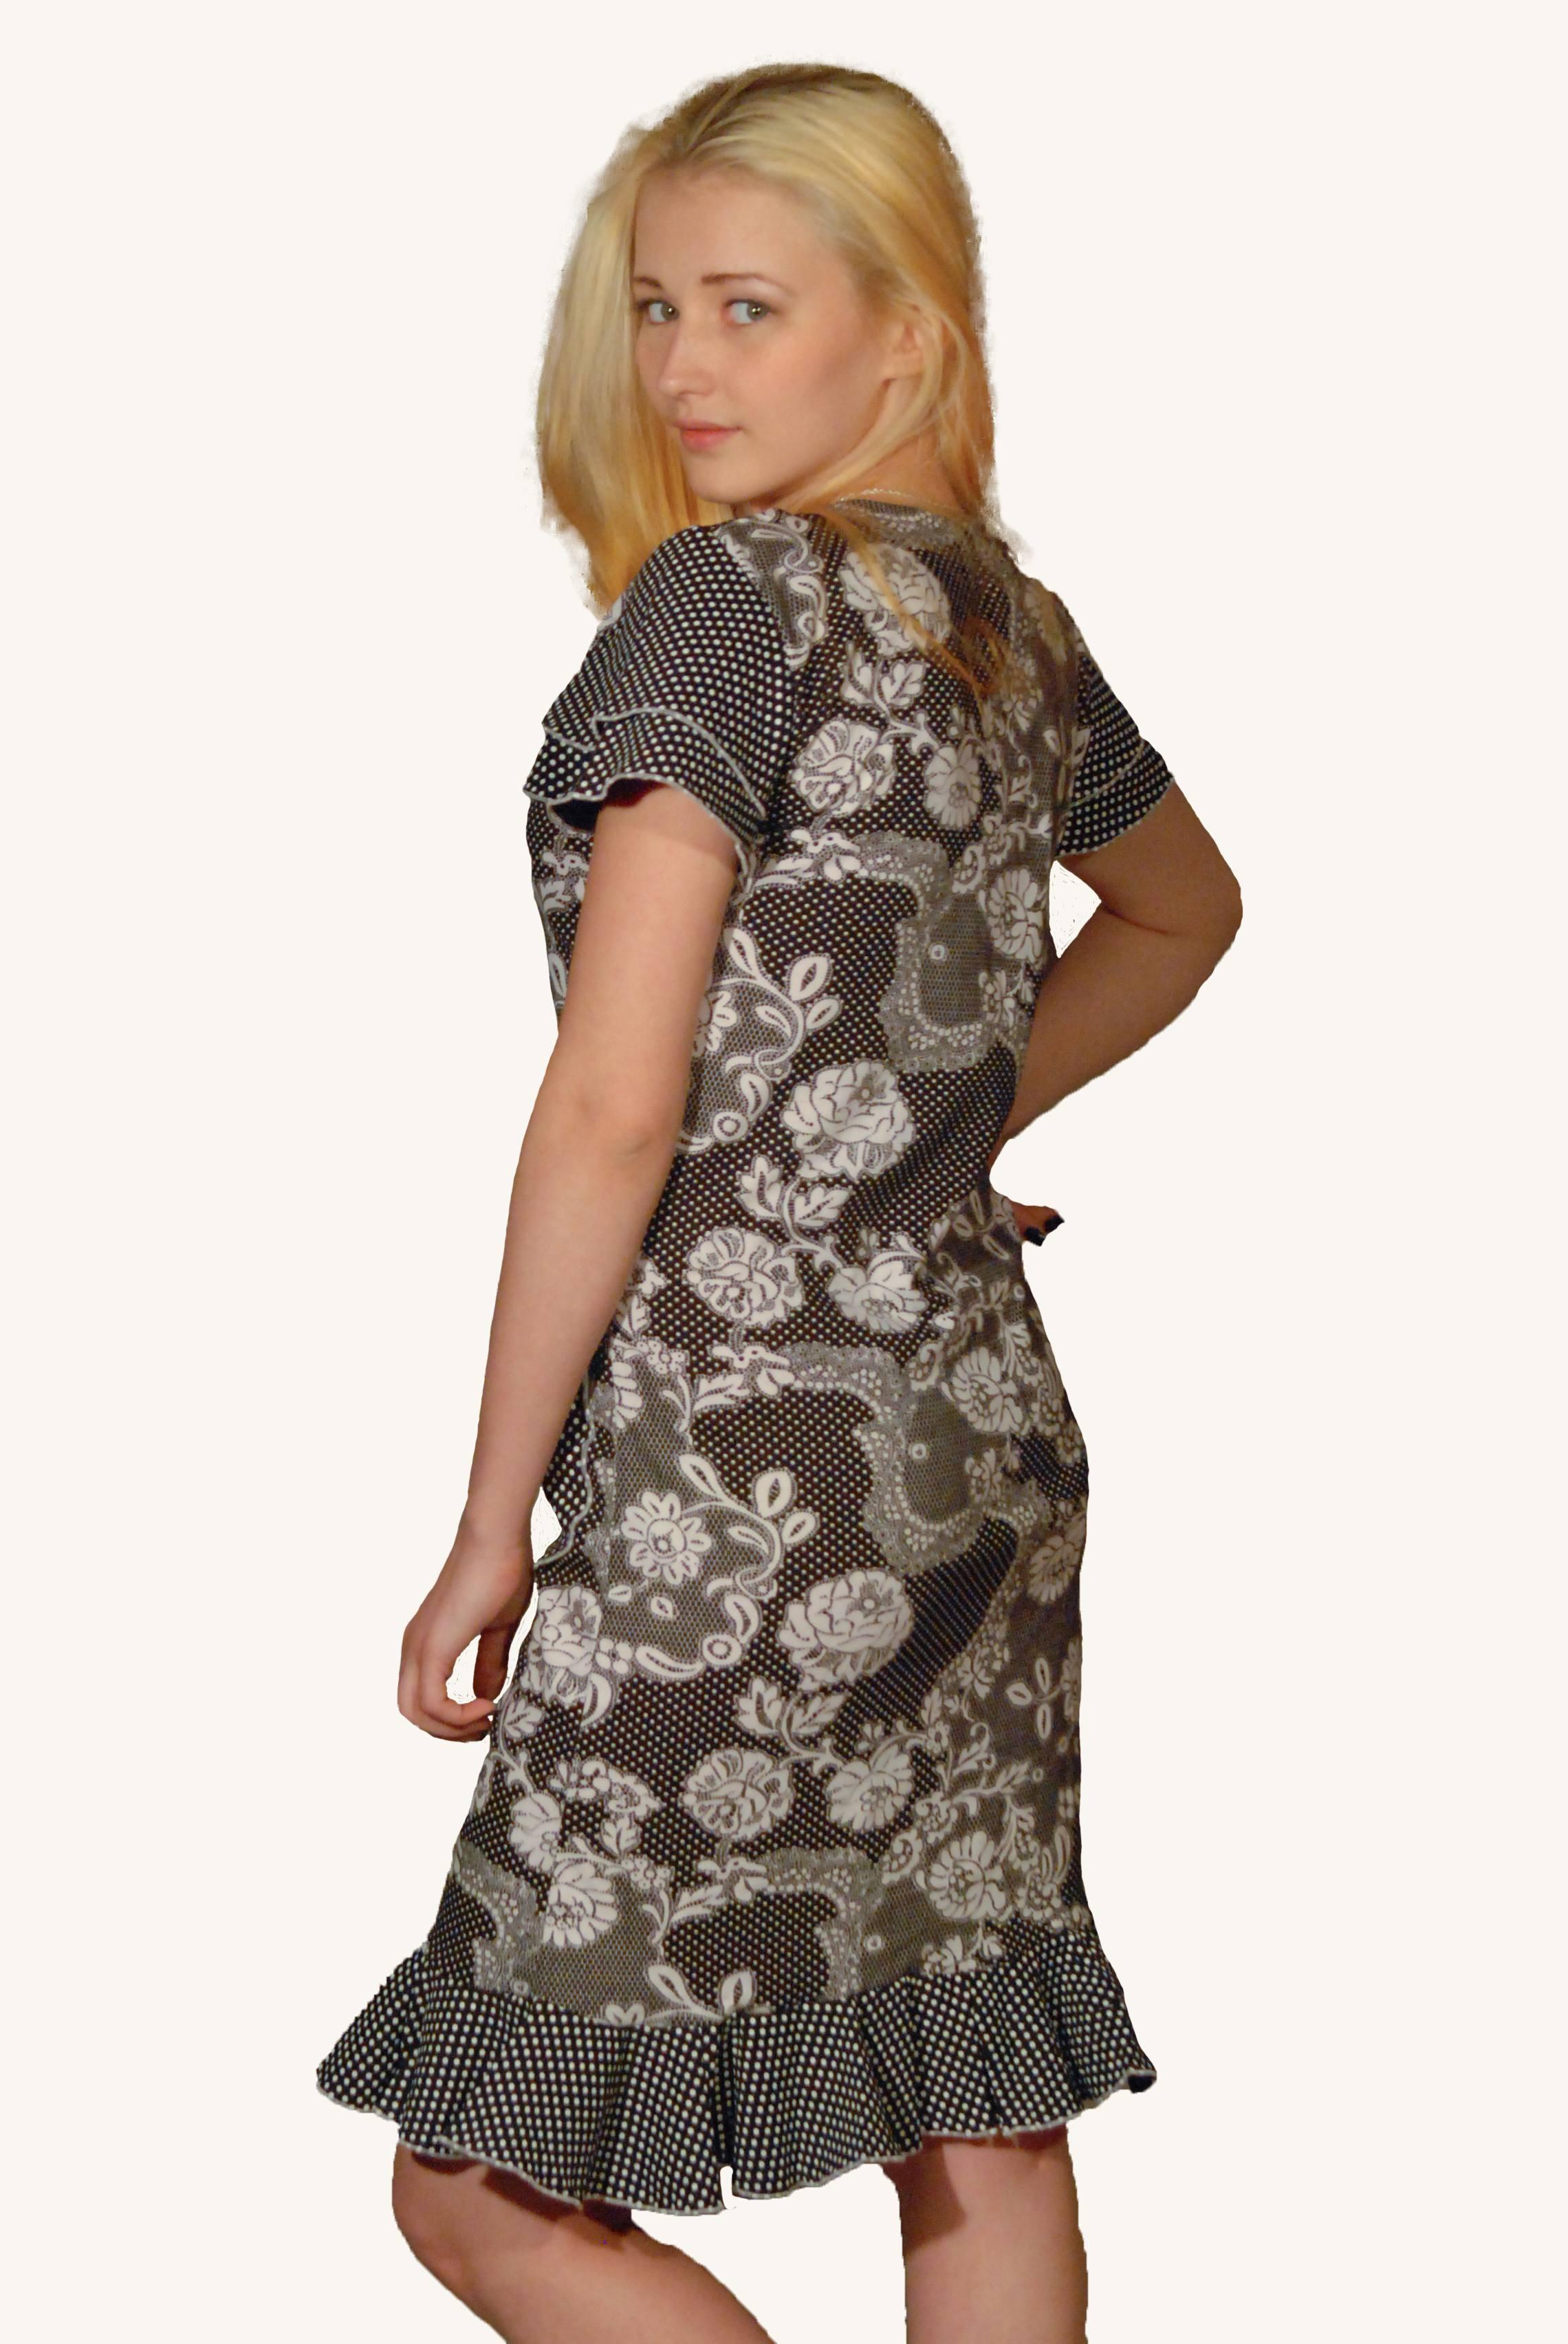 Халат кулирка   купить ивановский текстиль оптом